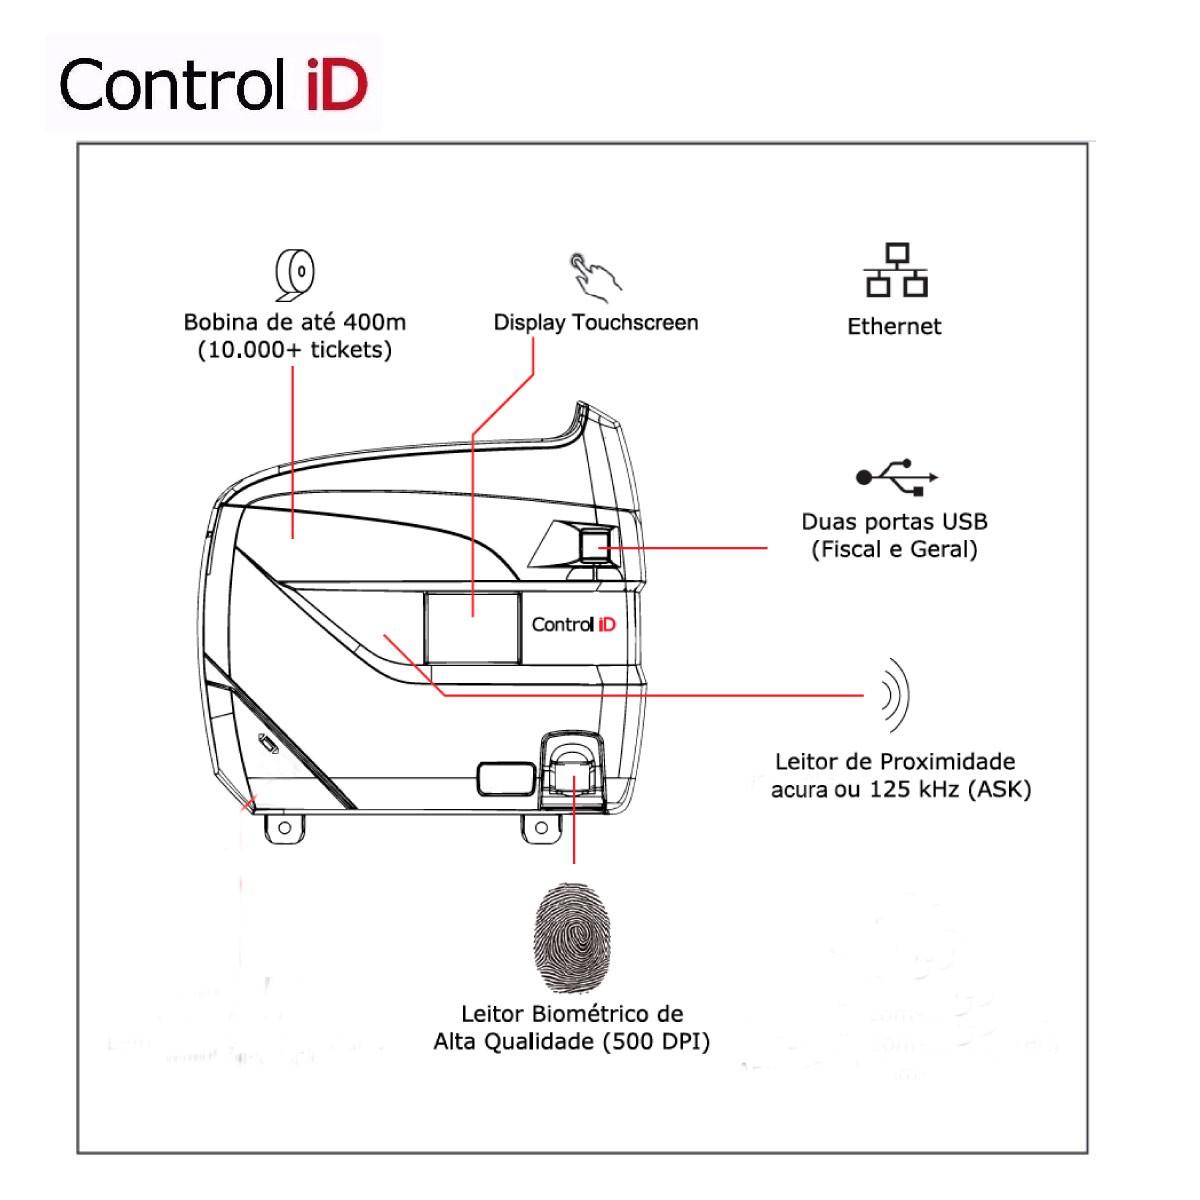 Relógio de Ponto Eletrônico iDClass 1510 Biométrico + Prox Control iD